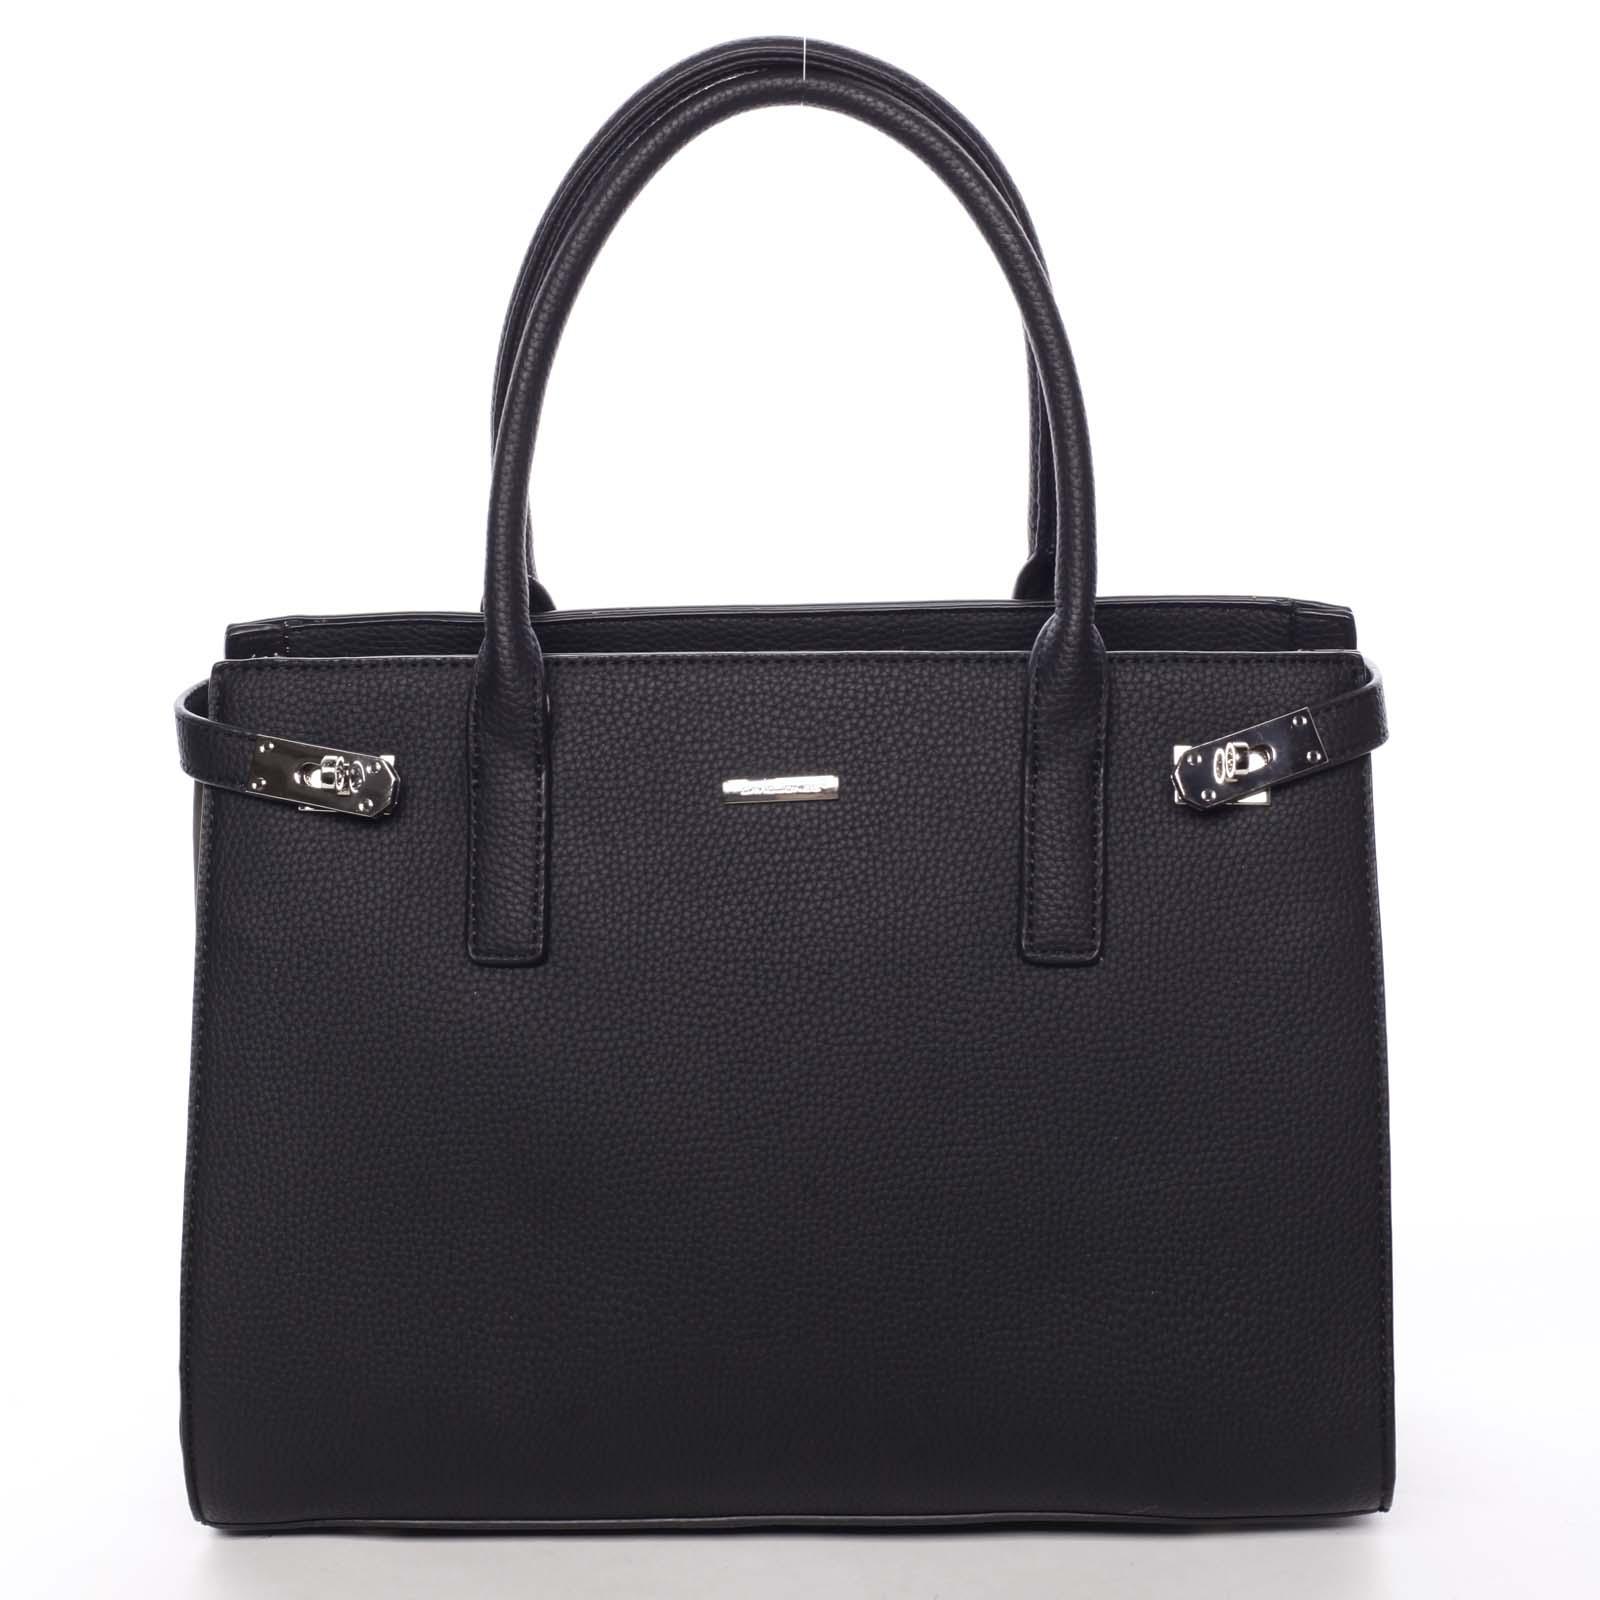 398366170c Atraktívna dámska kabelka do ruky čierna - David Jones Eugenie ...